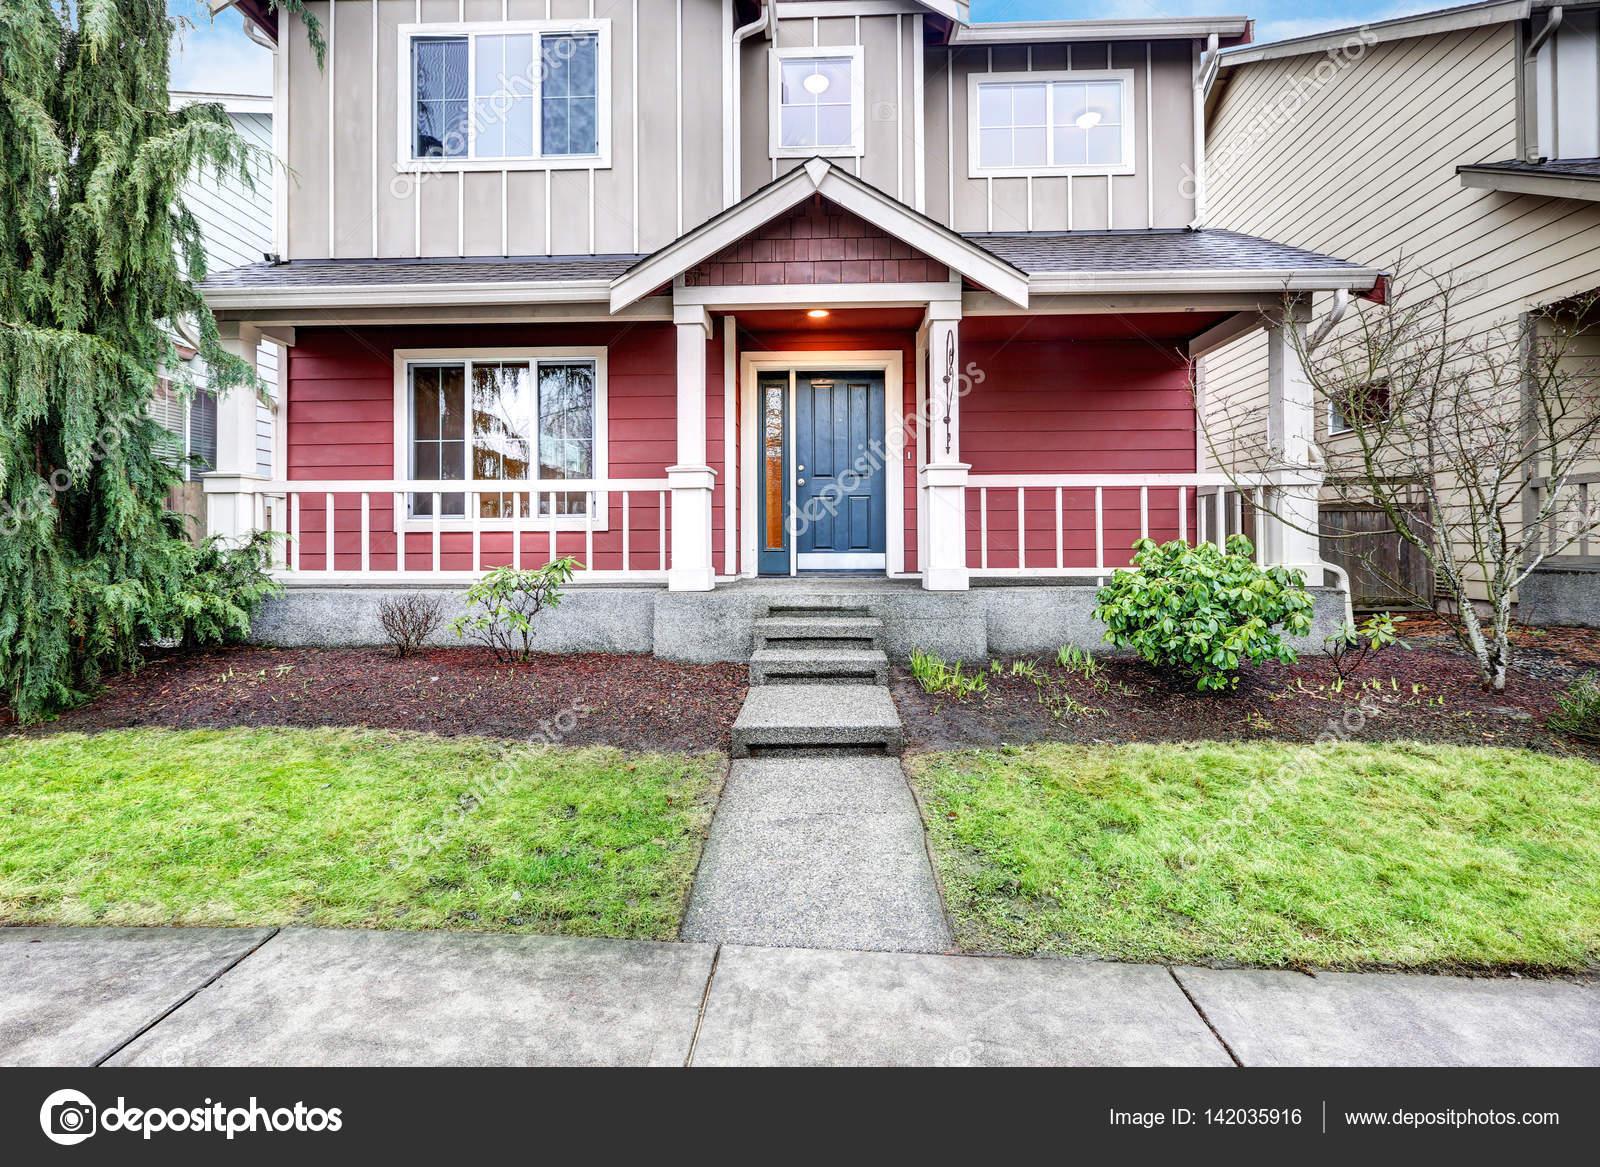 Contemporanea rosso e grigio casa esterno con veranda for Piani di casa cottage con veranda protetta